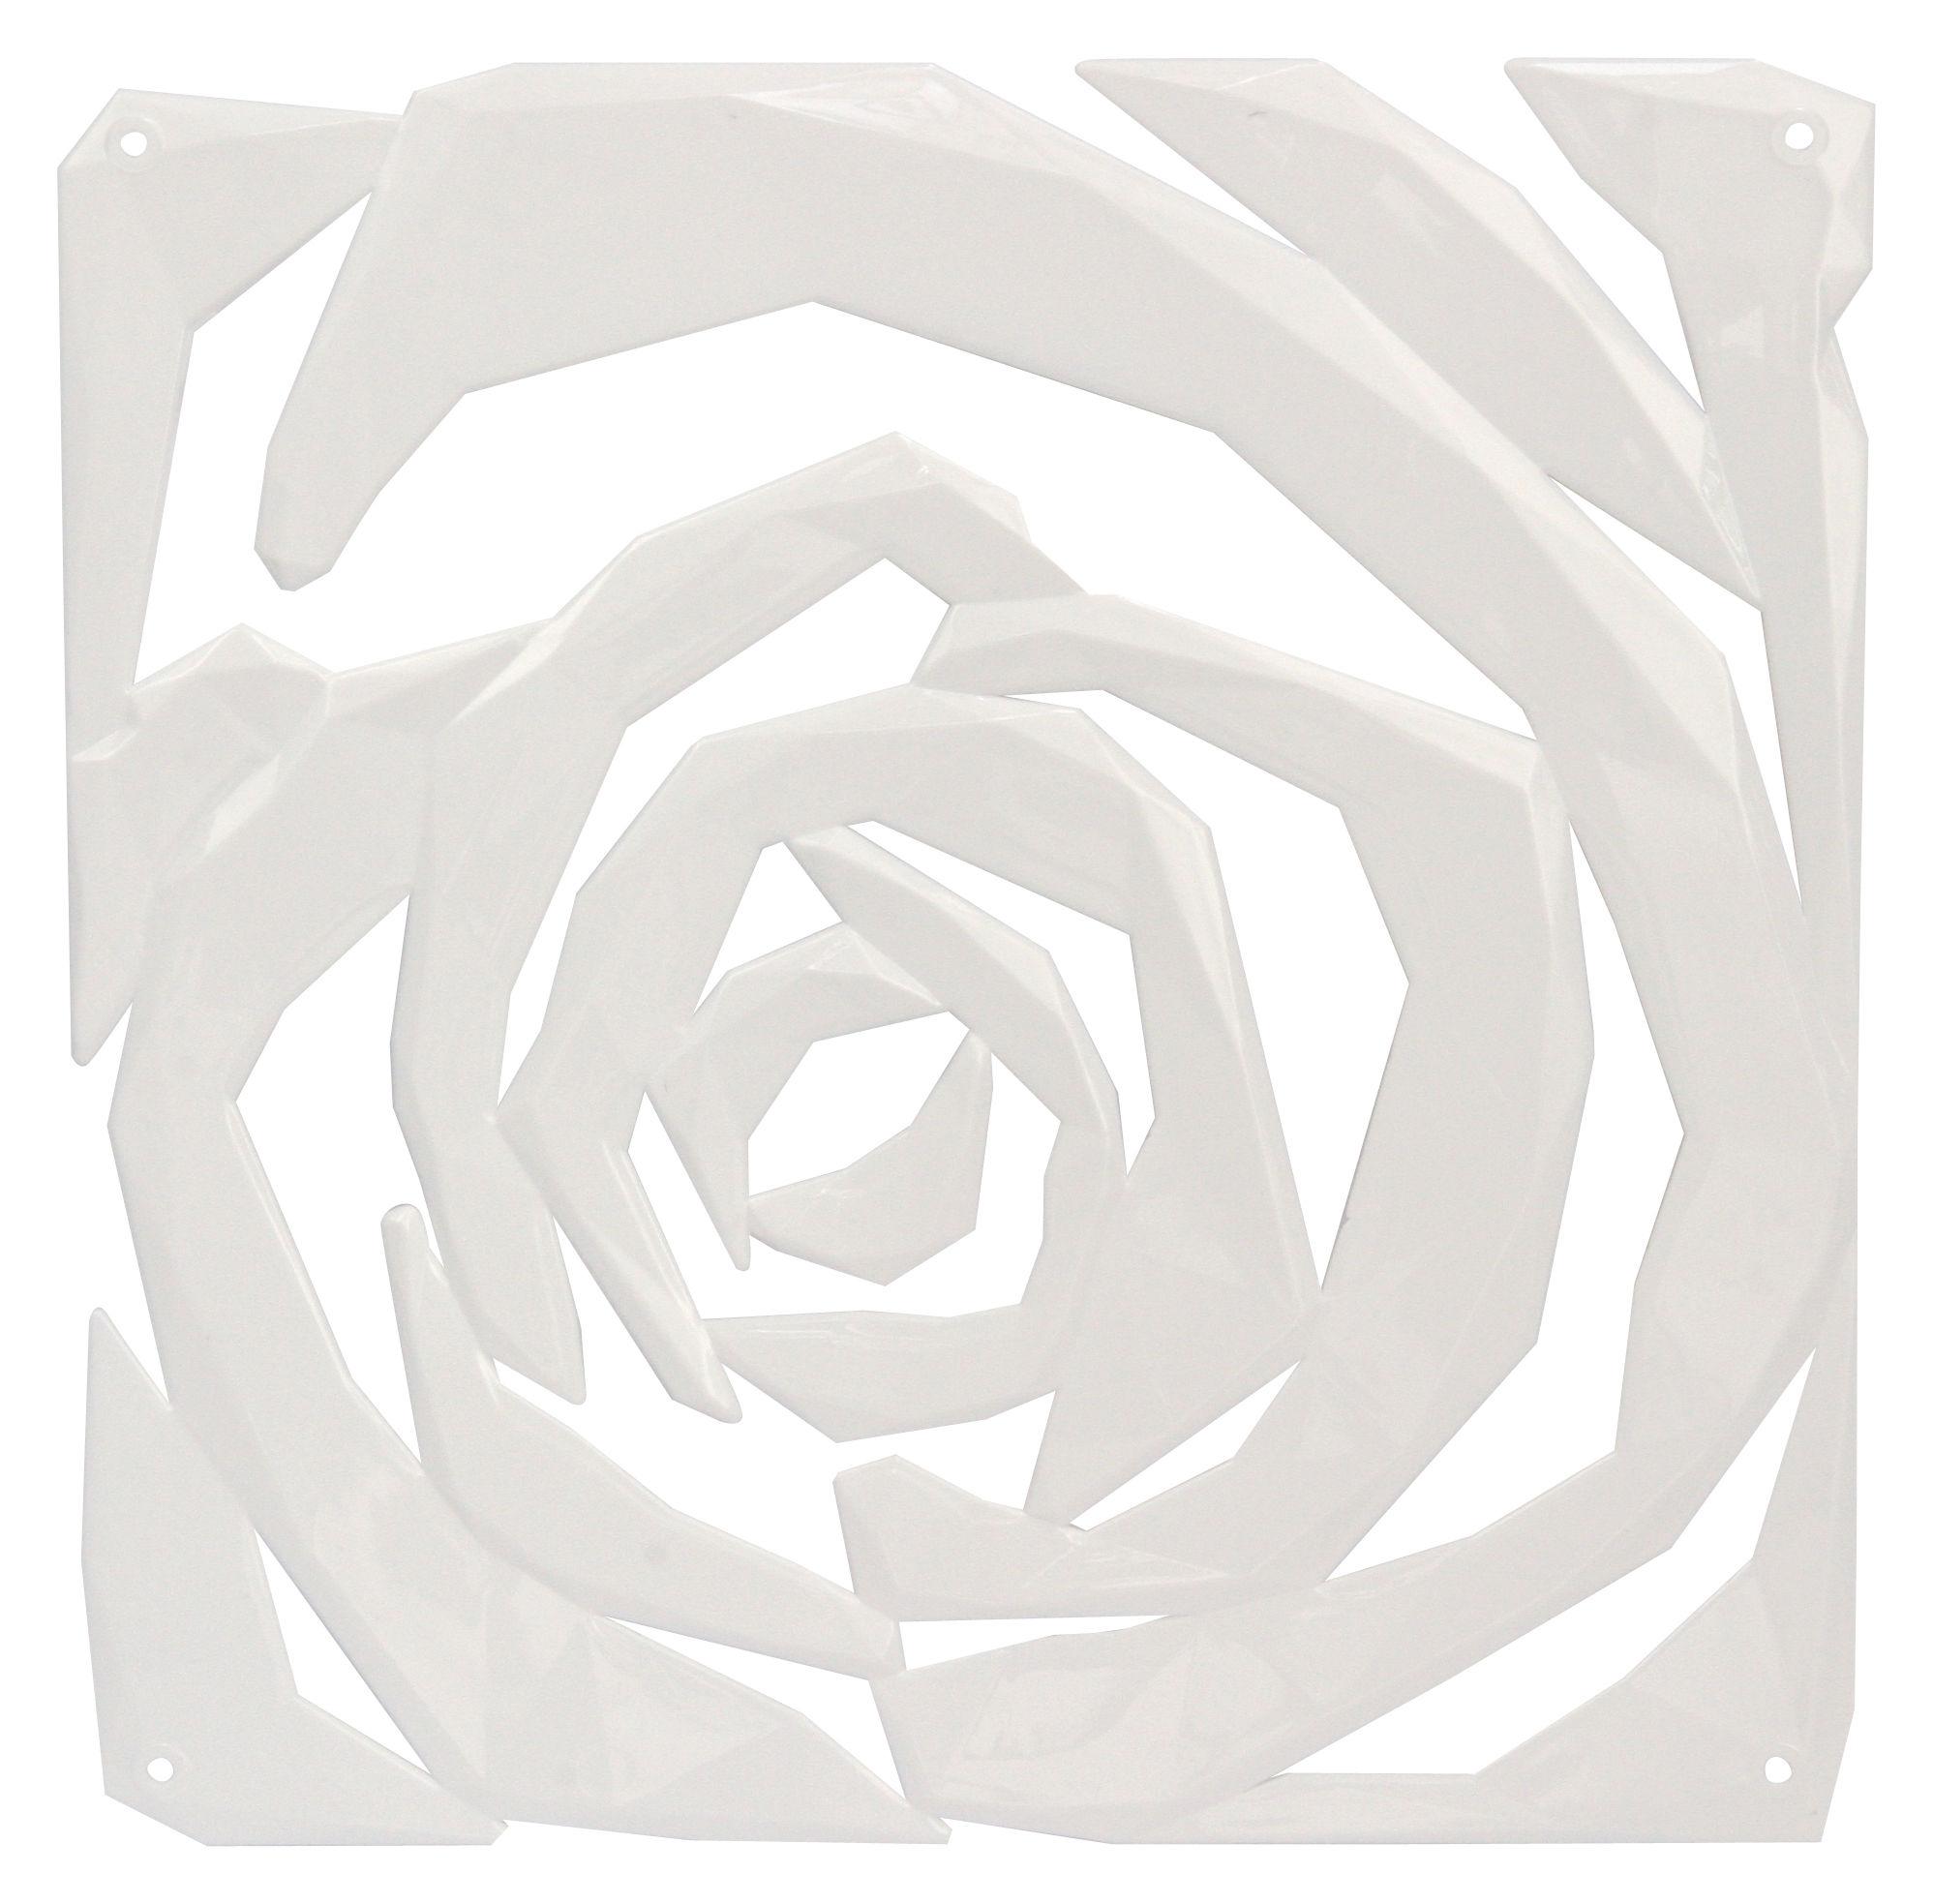 Möbel - Paravents, Raumteiler und Trennwände - Romance Zwischenwand - Koziol - Weiß - Polykarbonat